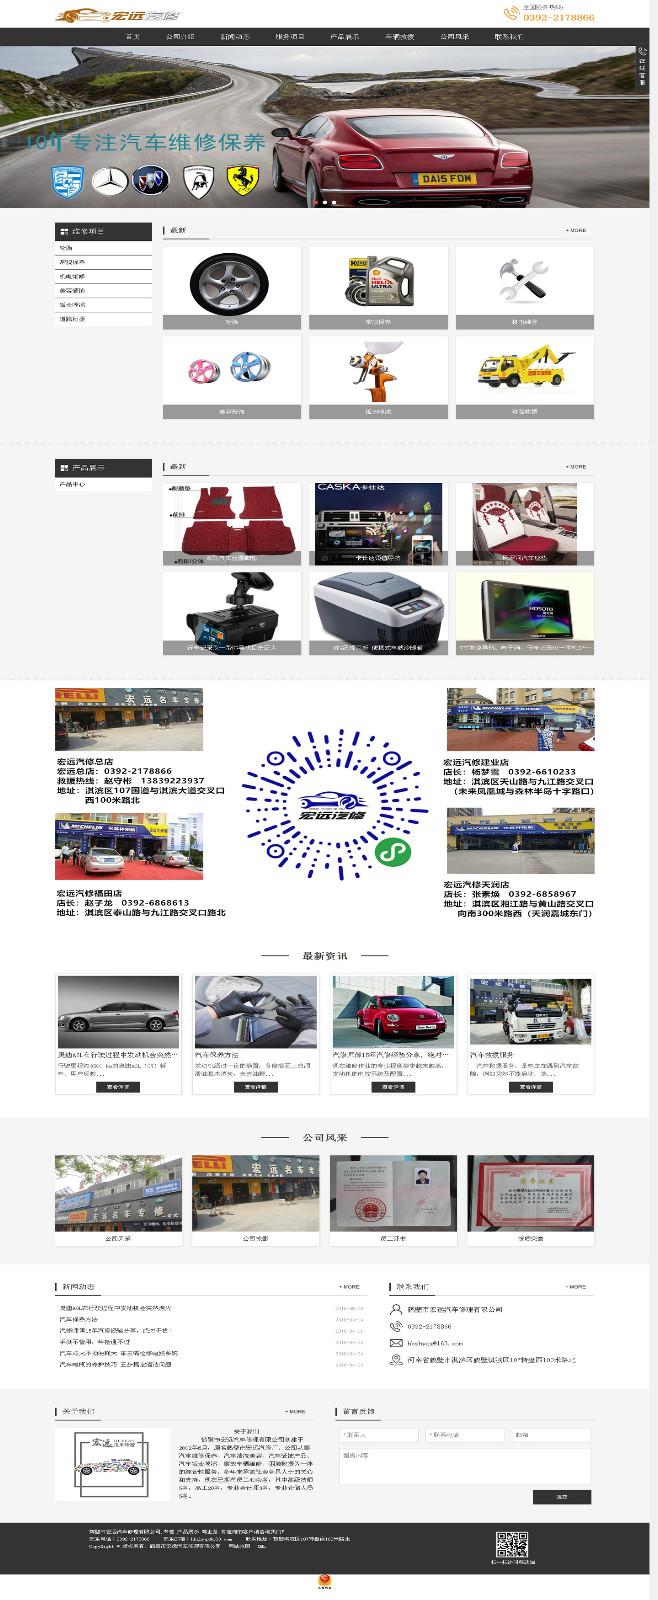 鶴壁市宏遠汽車修理有限公司